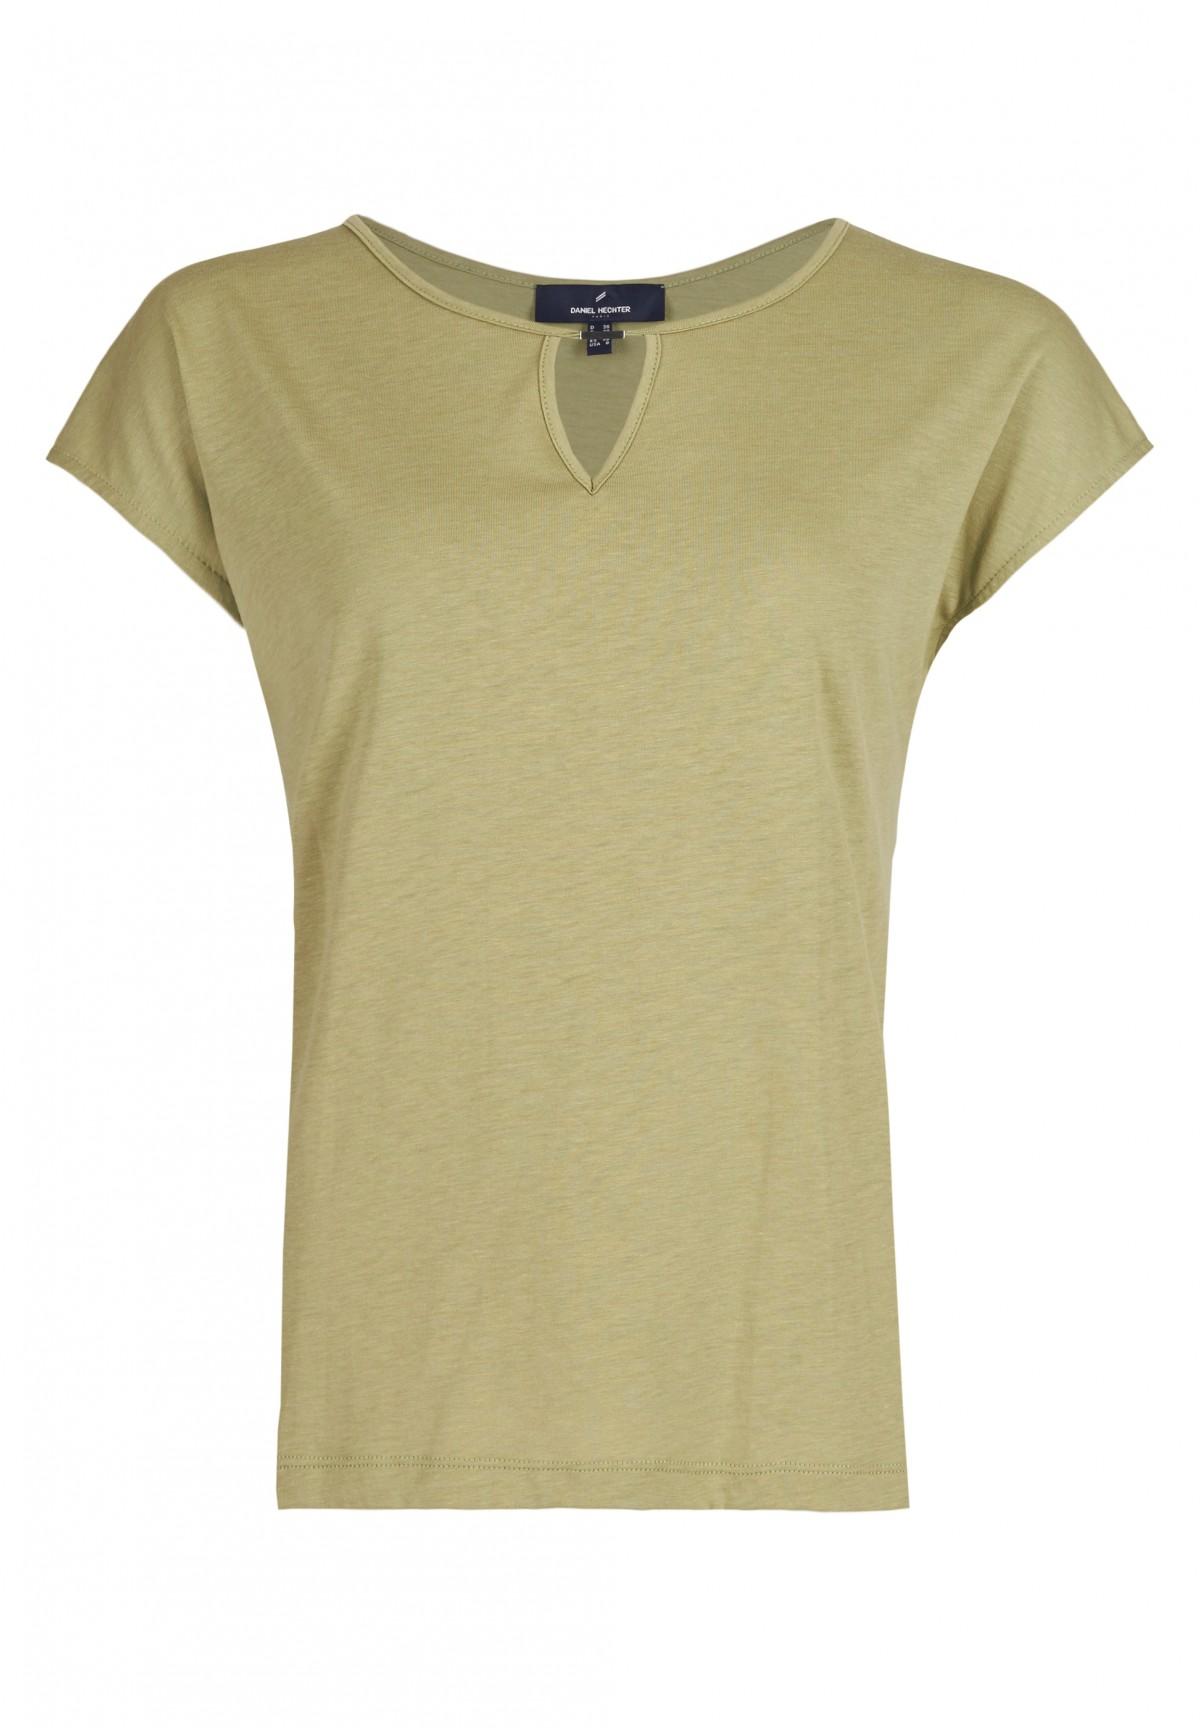 Shirt mit verziertem Ausschnitt / Shirt